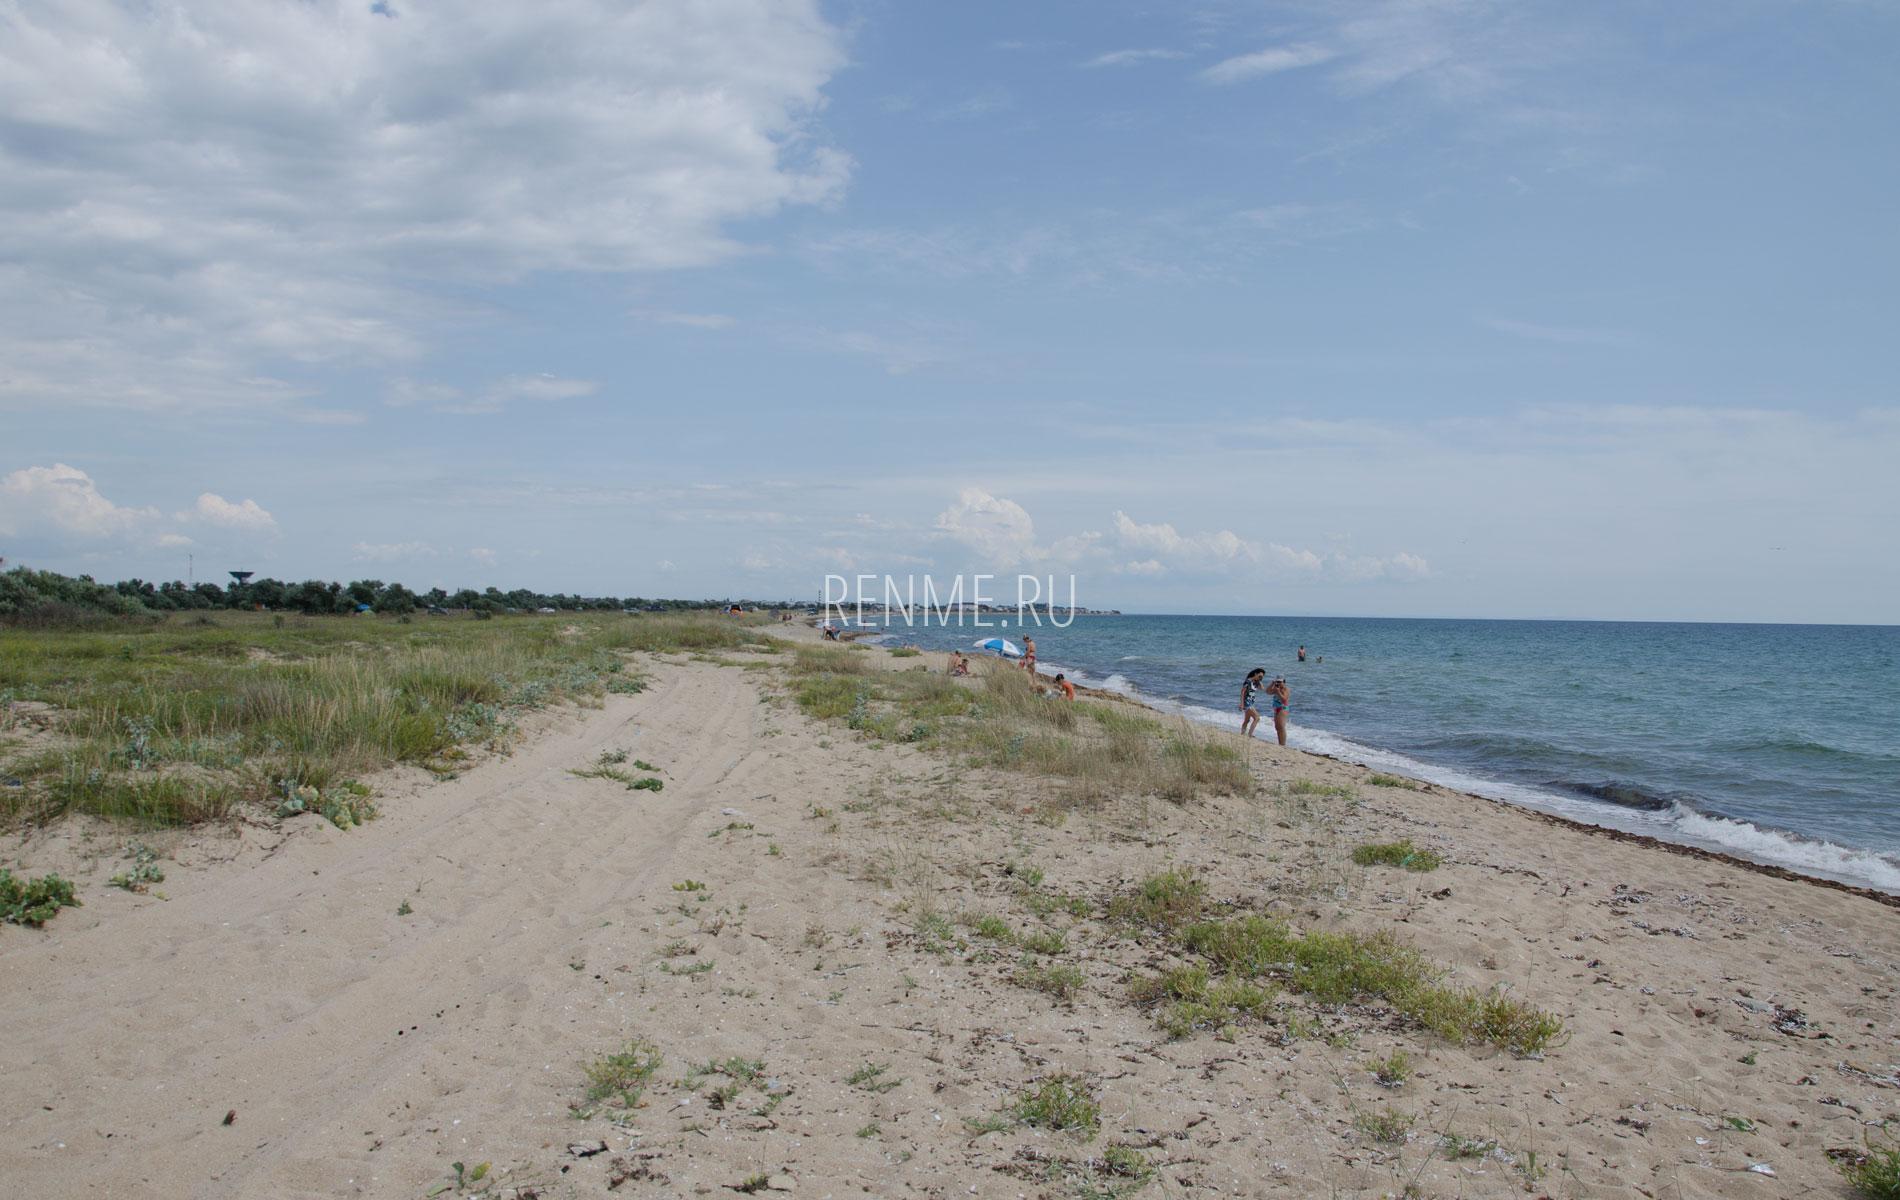 Дикий пляж в июле 2019. Фото Заозёрного